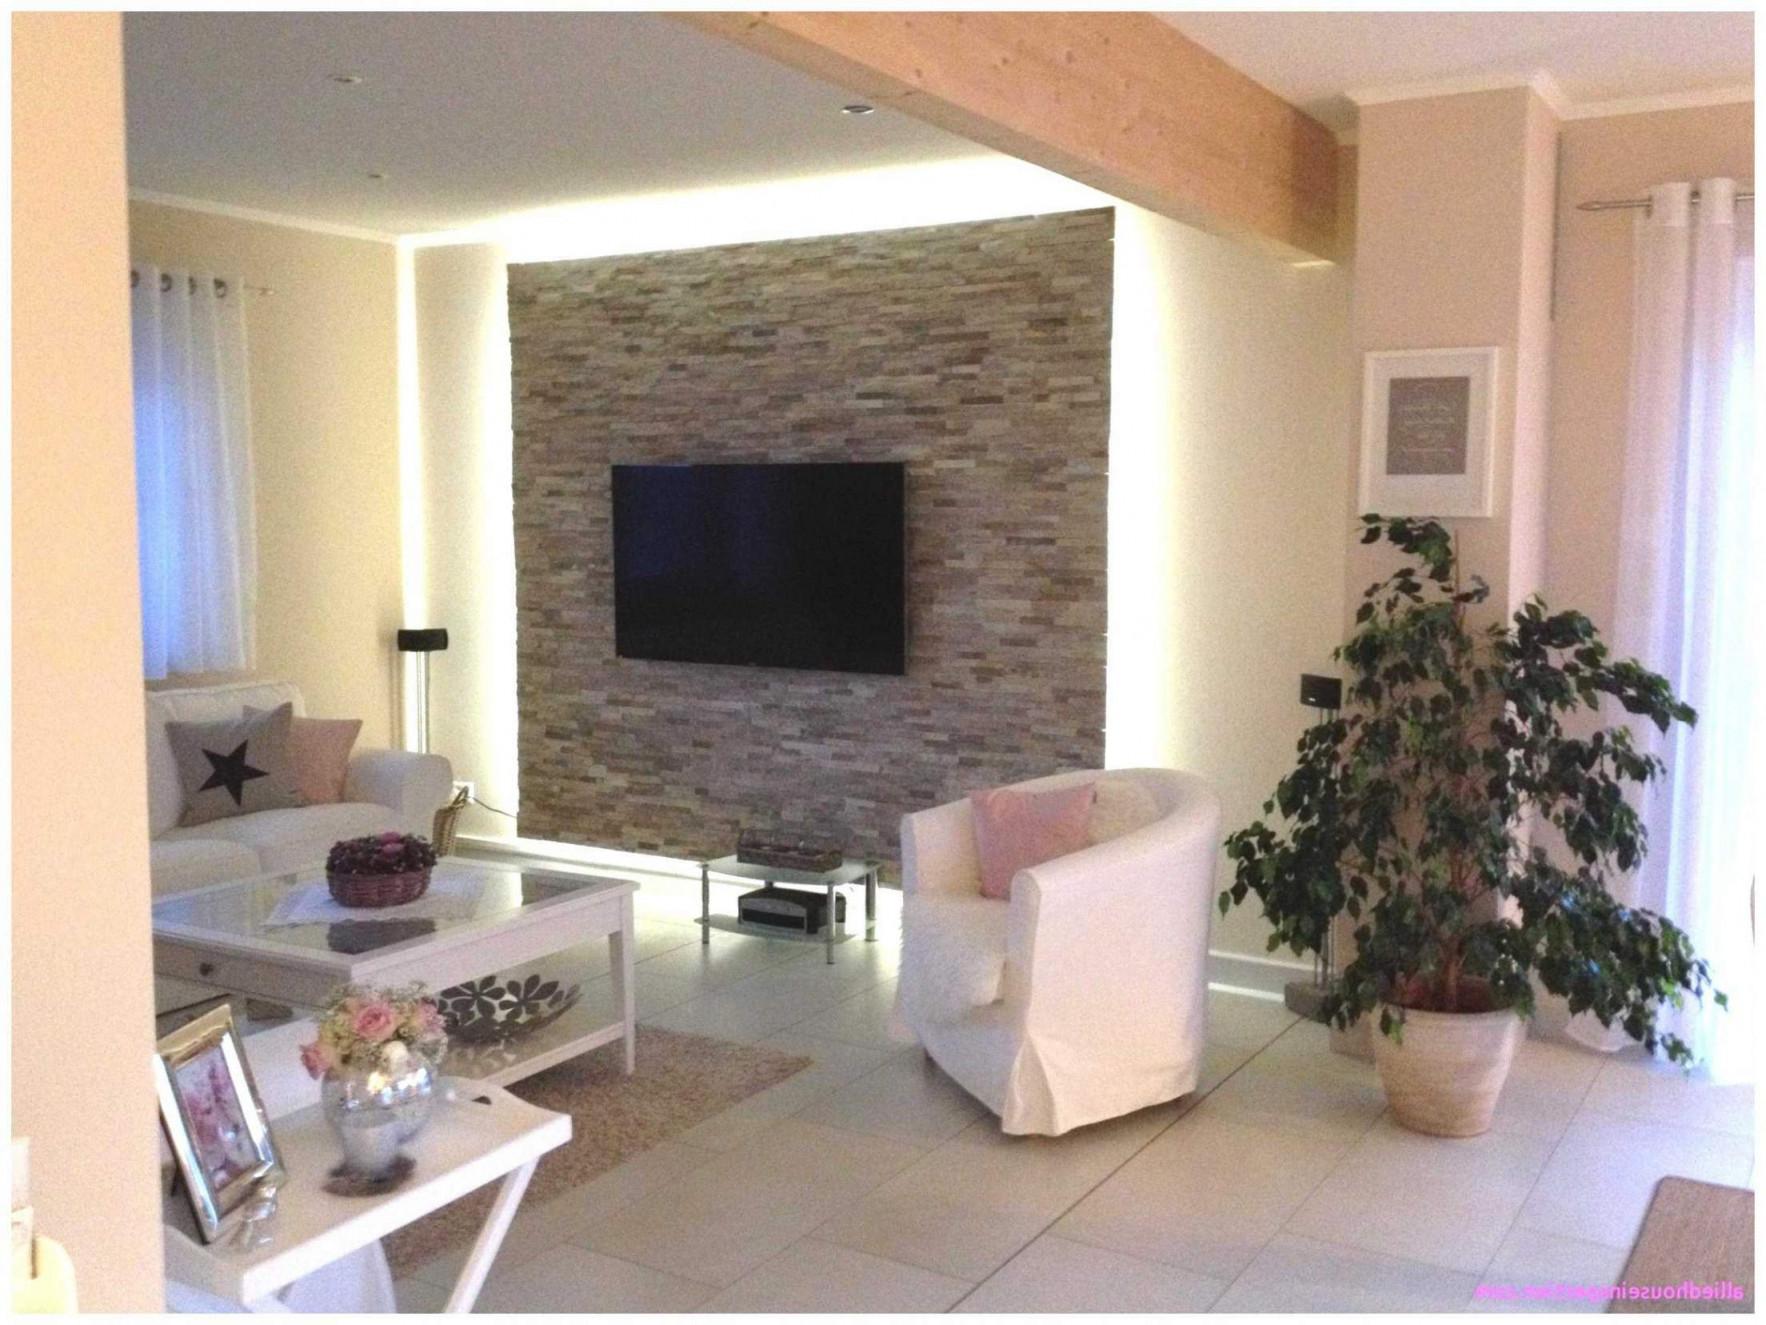 Kleine Wohnzimmer Modern Einrichten Elegant Kleine von Modernes Wohnzimmer Einrichten Bild